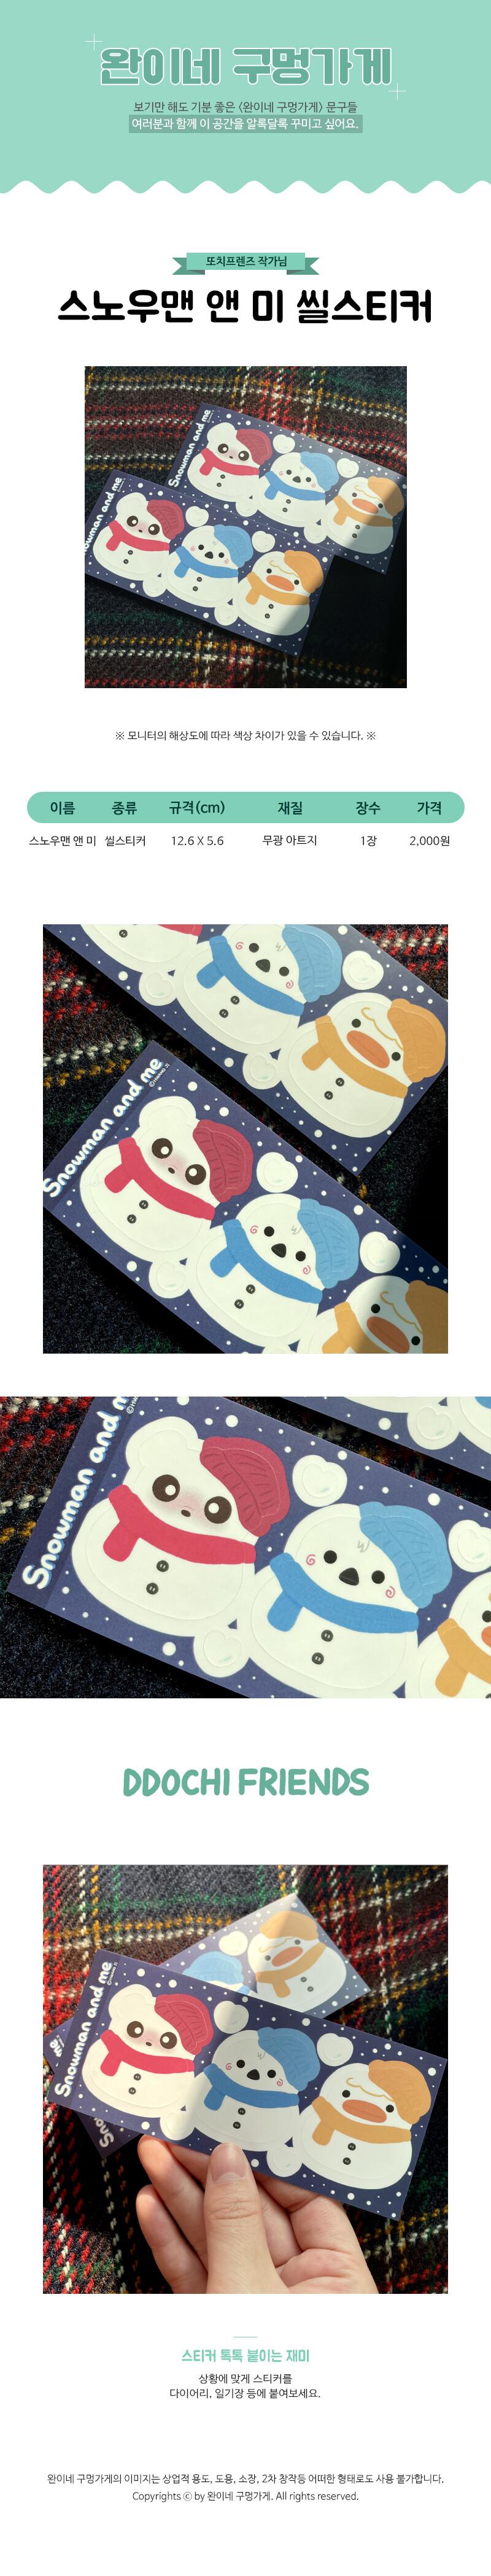 sticker983